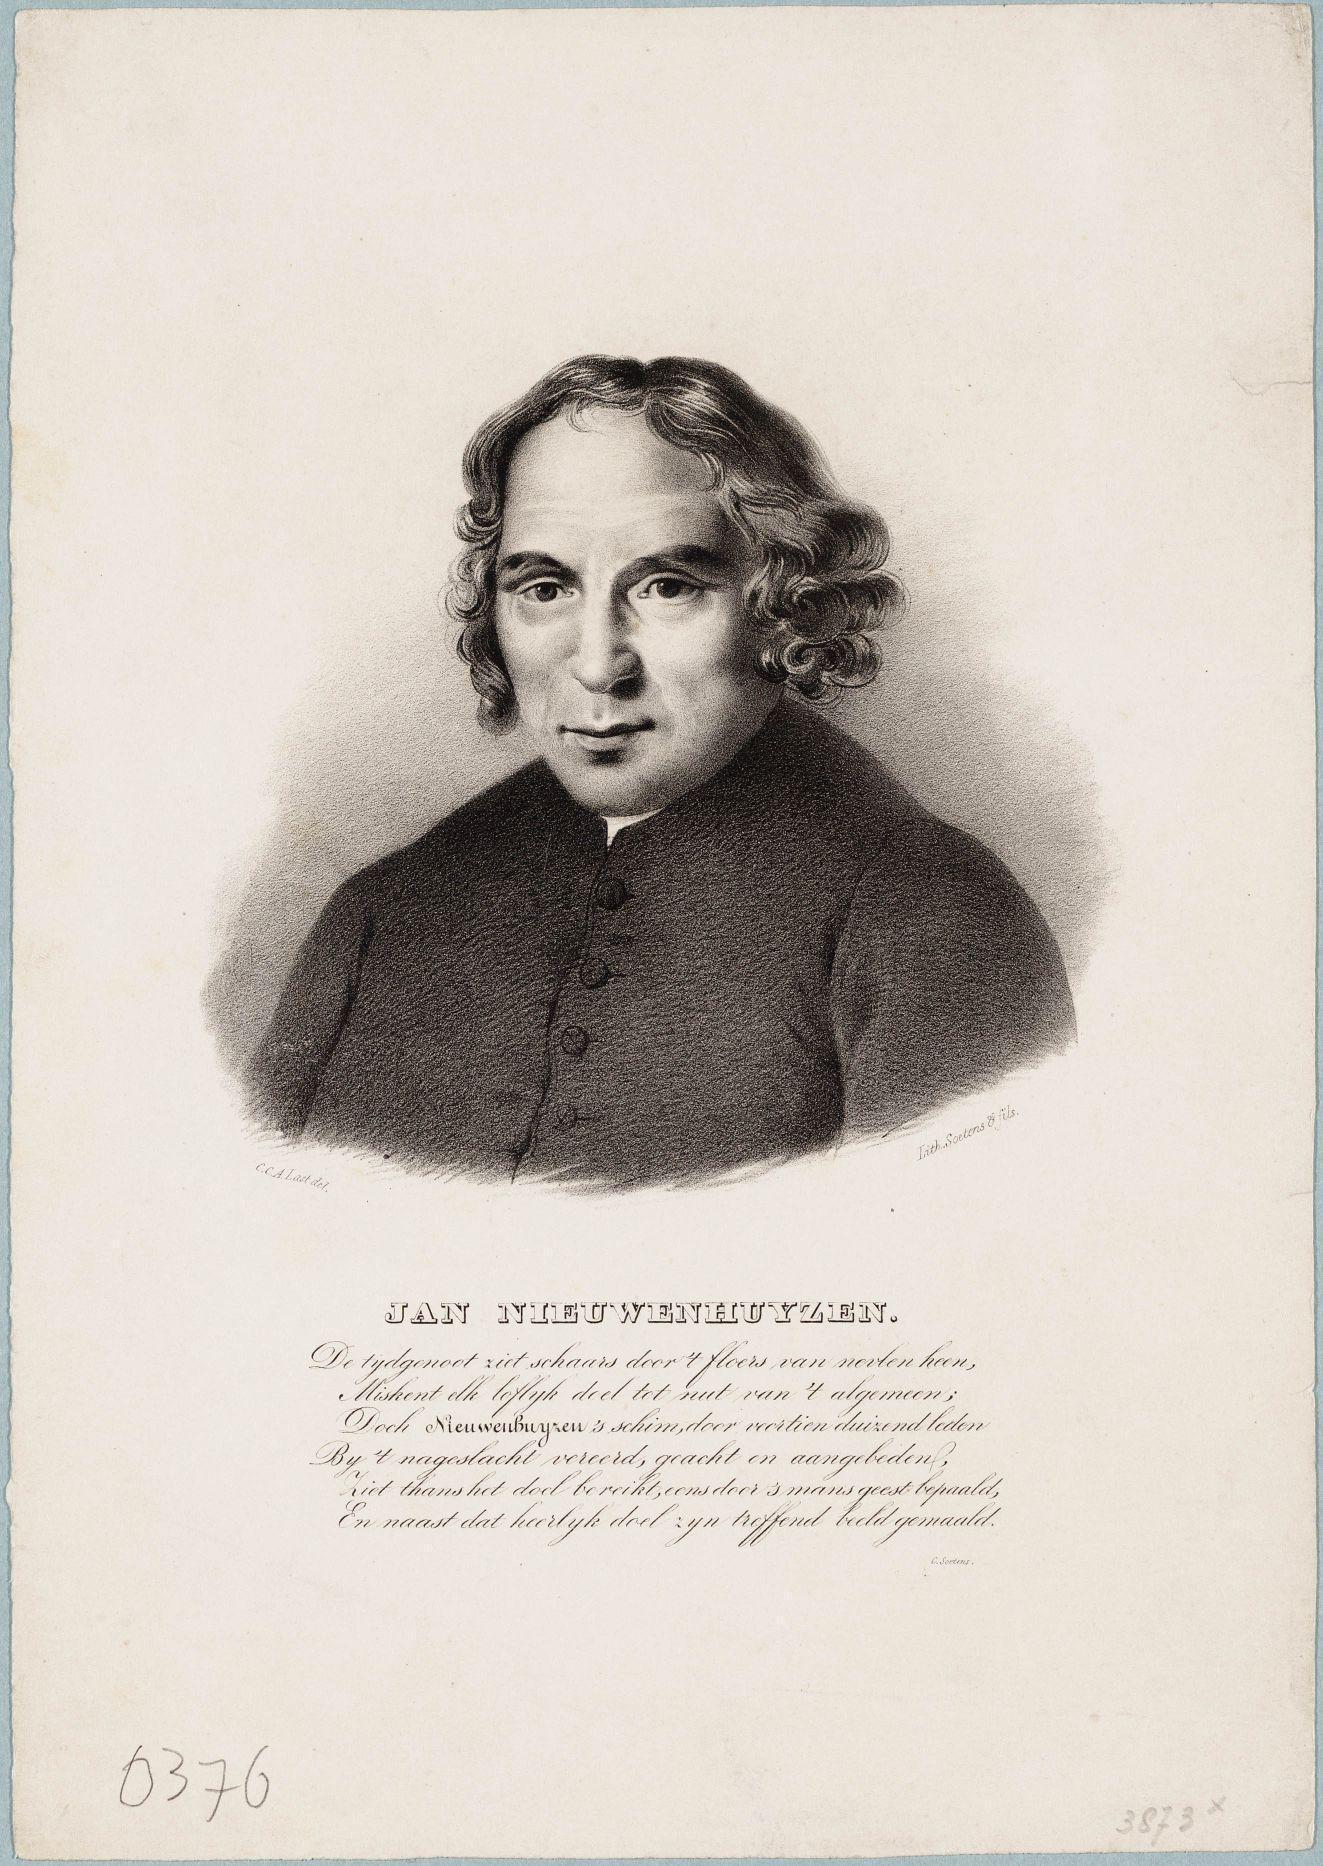 Portret van Jan Nieuwenhuyzen